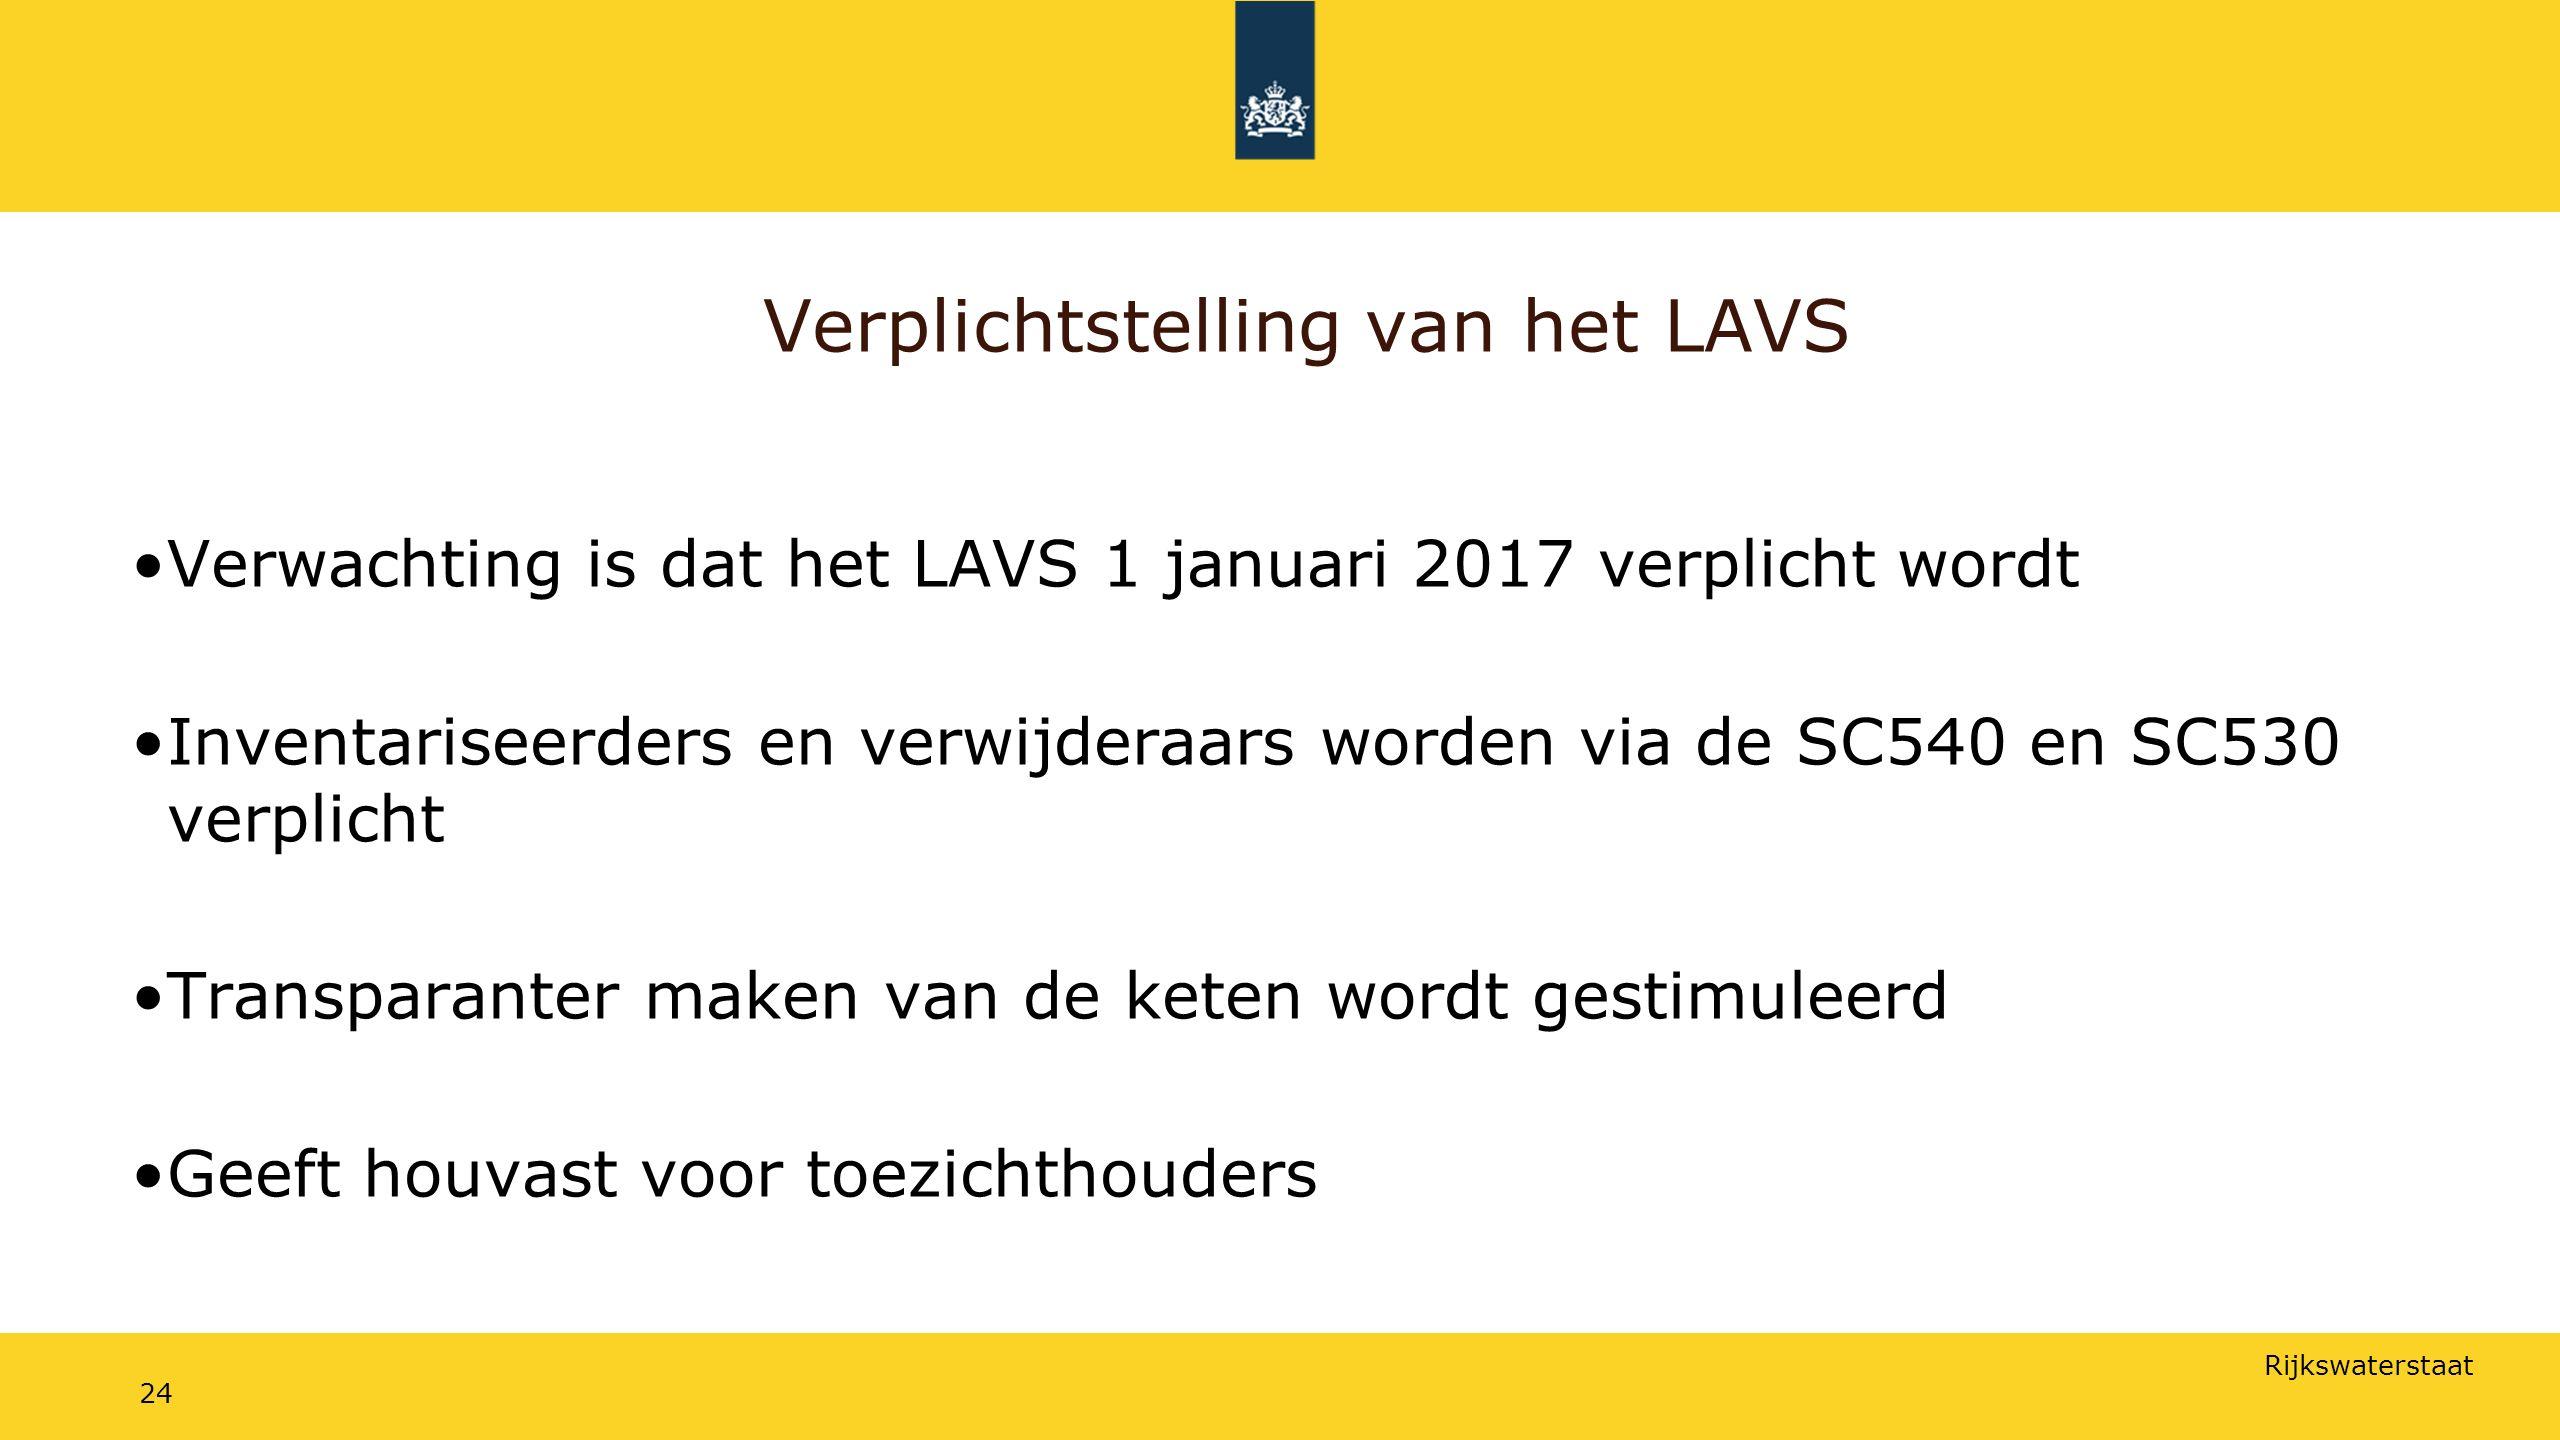 Rijkswaterstaat Verplichtstelling van het LAVS Verwachting is dat het LAVS 1 januari 2017 verplicht wordt Inventariseerders en verwijderaars worden via de SC540 en SC530 verplicht Transparanter maken van de keten wordt gestimuleerd Geeft houvast voor toezichthouders 24